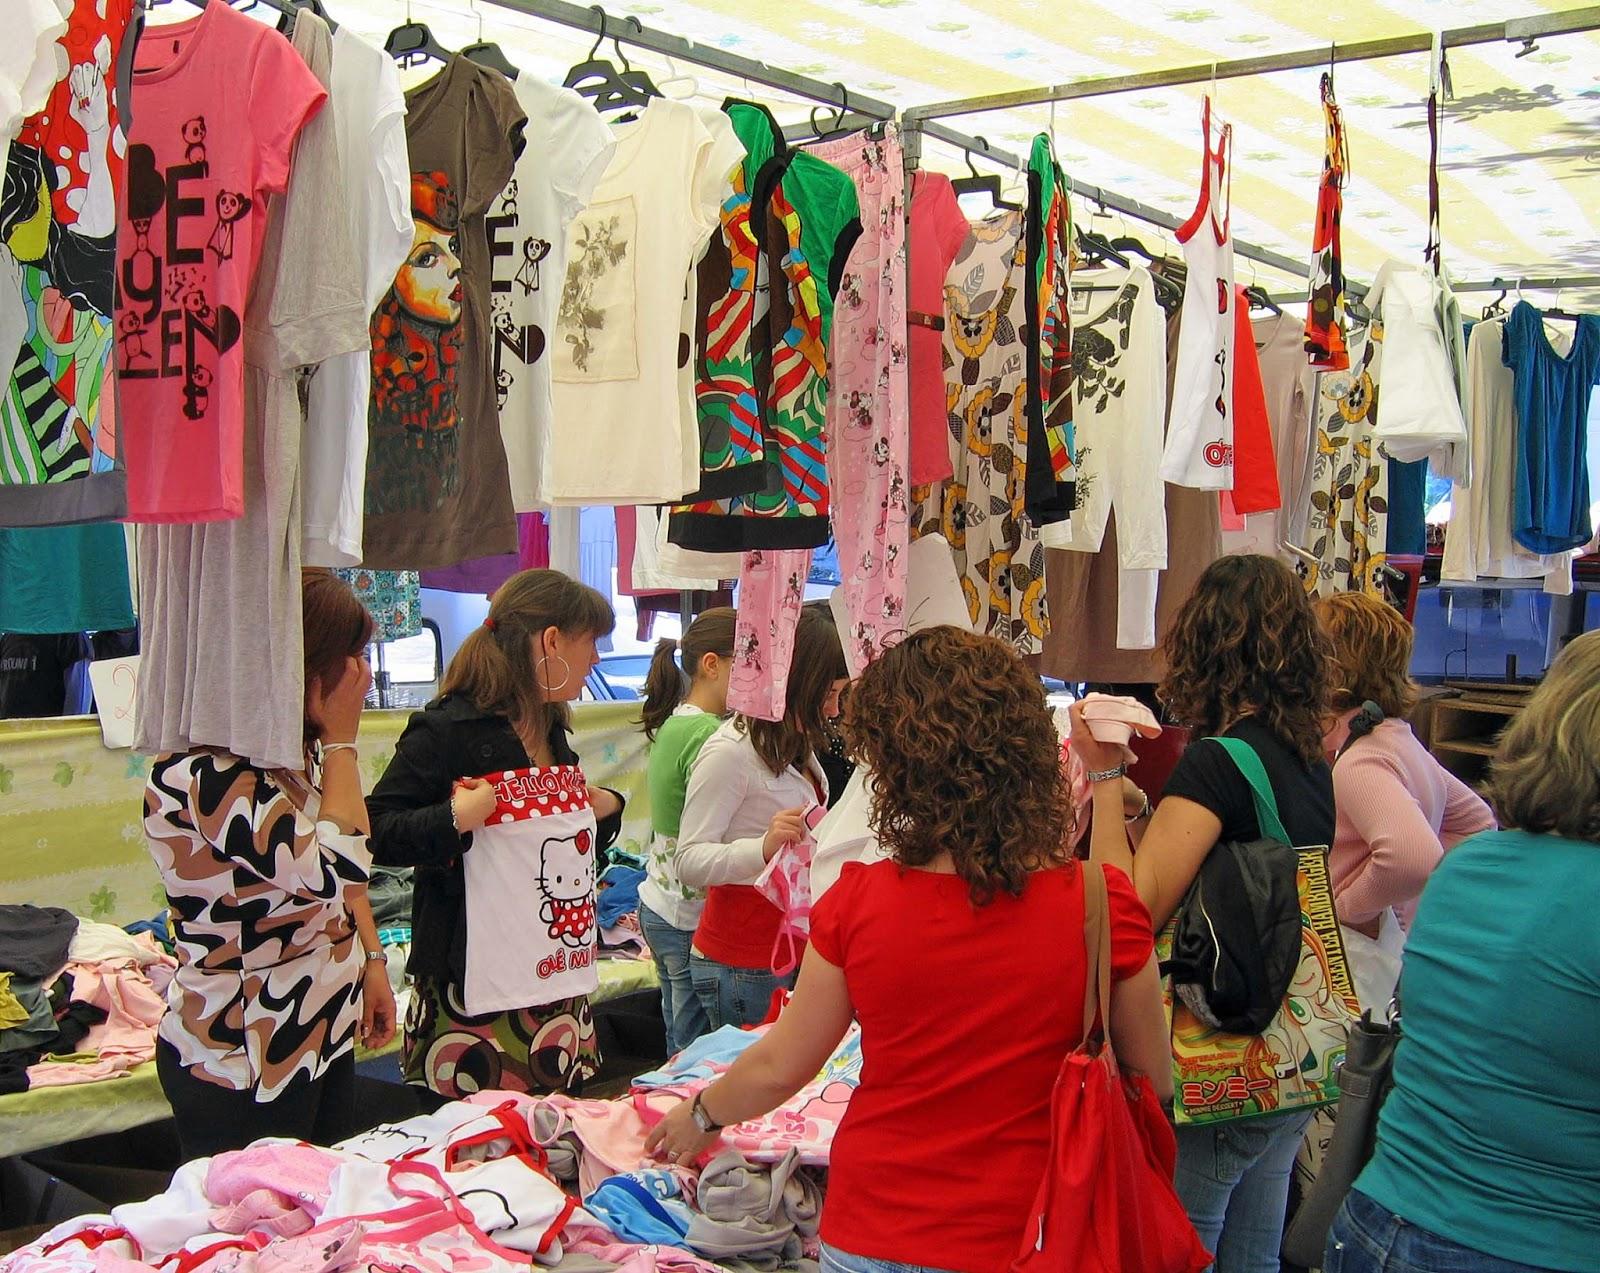 Pusat Grosir Cimahi Berbelanja Pakaian di Grosir Pakaian Wanita Bandung Lebih Murah dan Berkualitas